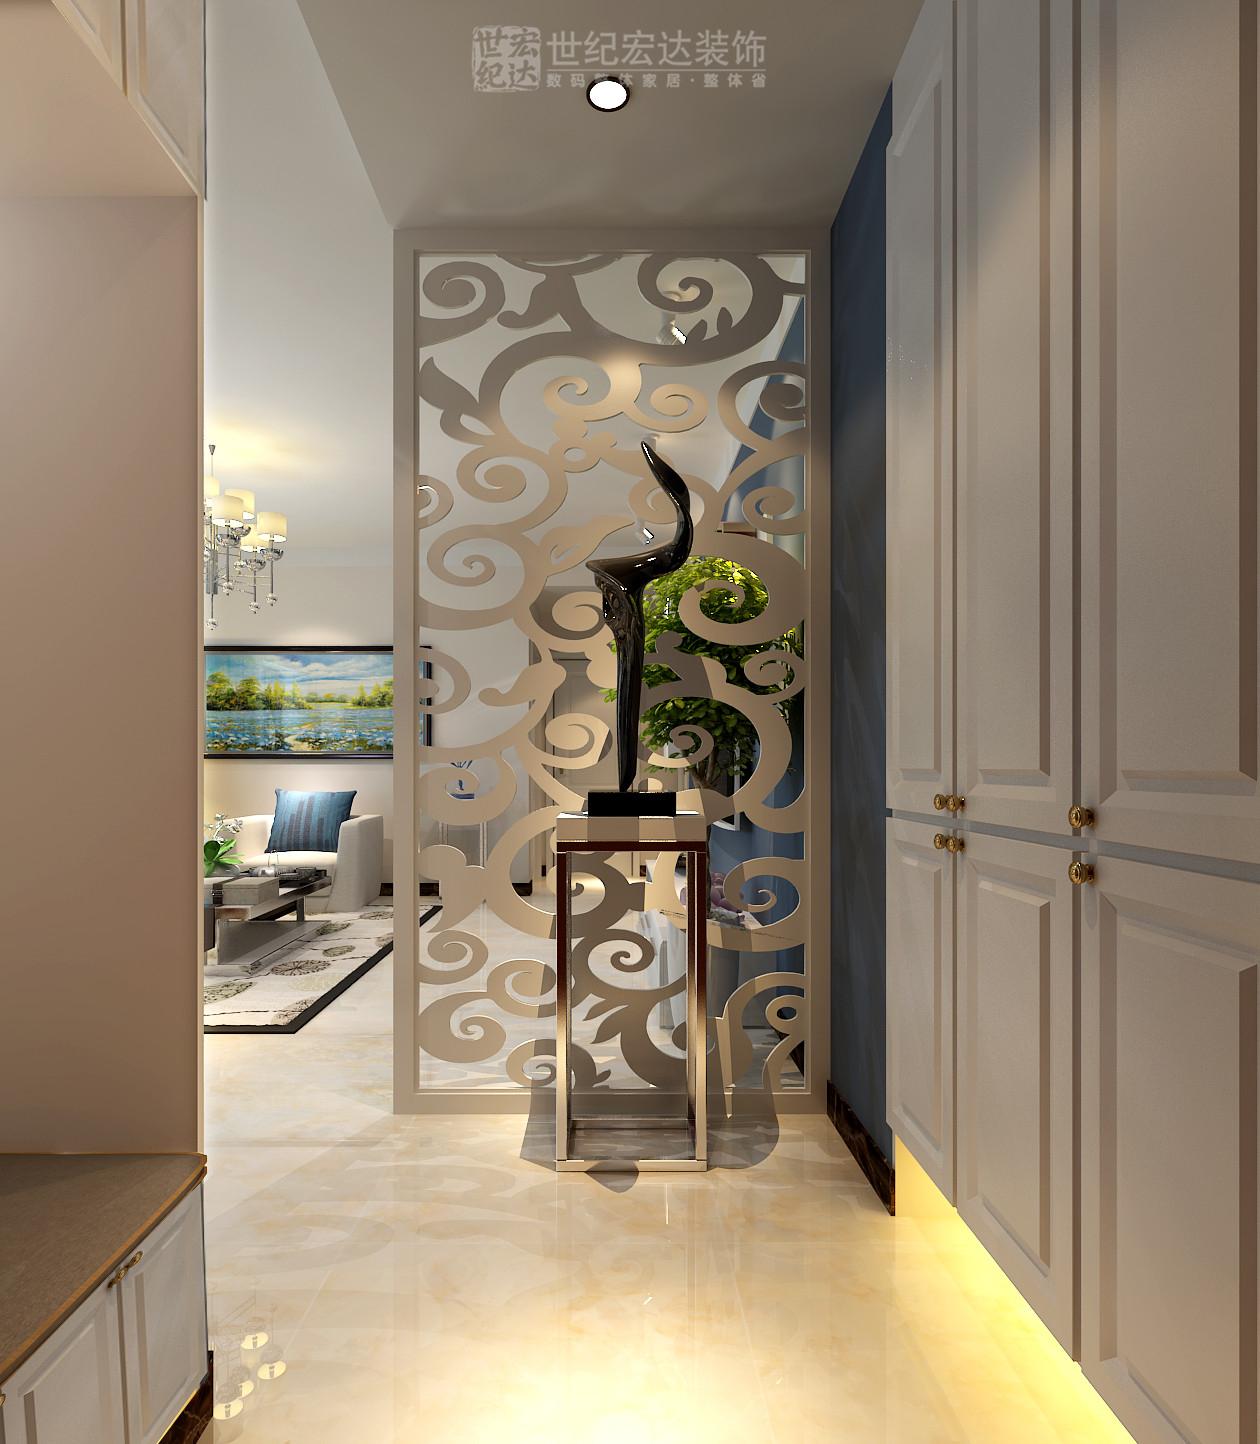 入户做整体花格造型,独立玄关区域,利用两侧空间做整体鞋柜,衣帽柜,既